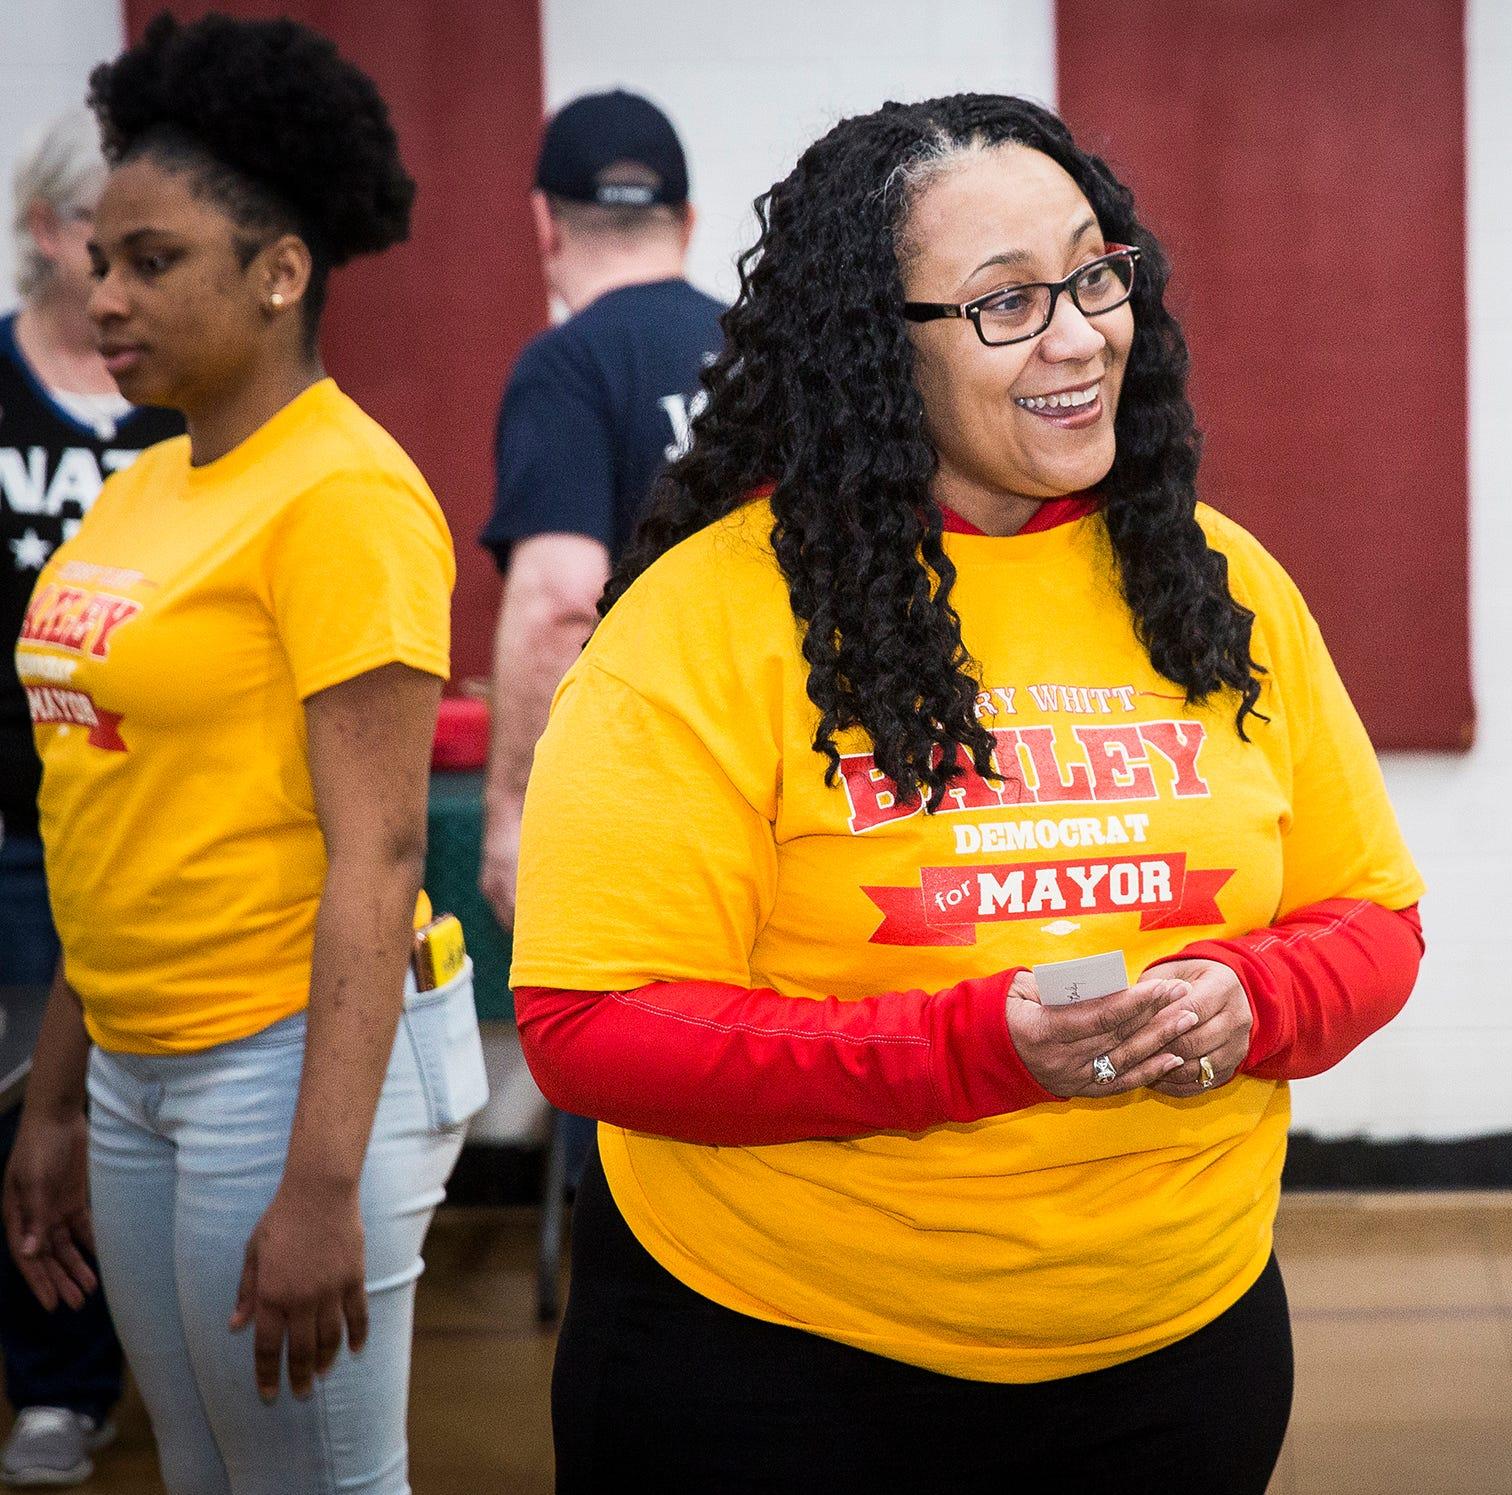 Muncie Democratic mayoral race: Bailey wins